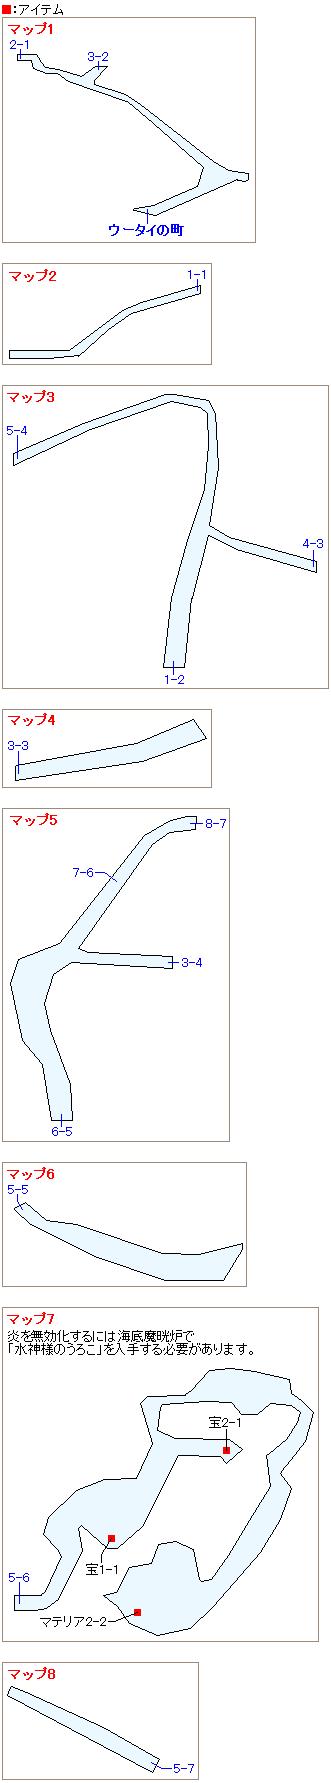 ウータイ・ダチャオ像のマップ